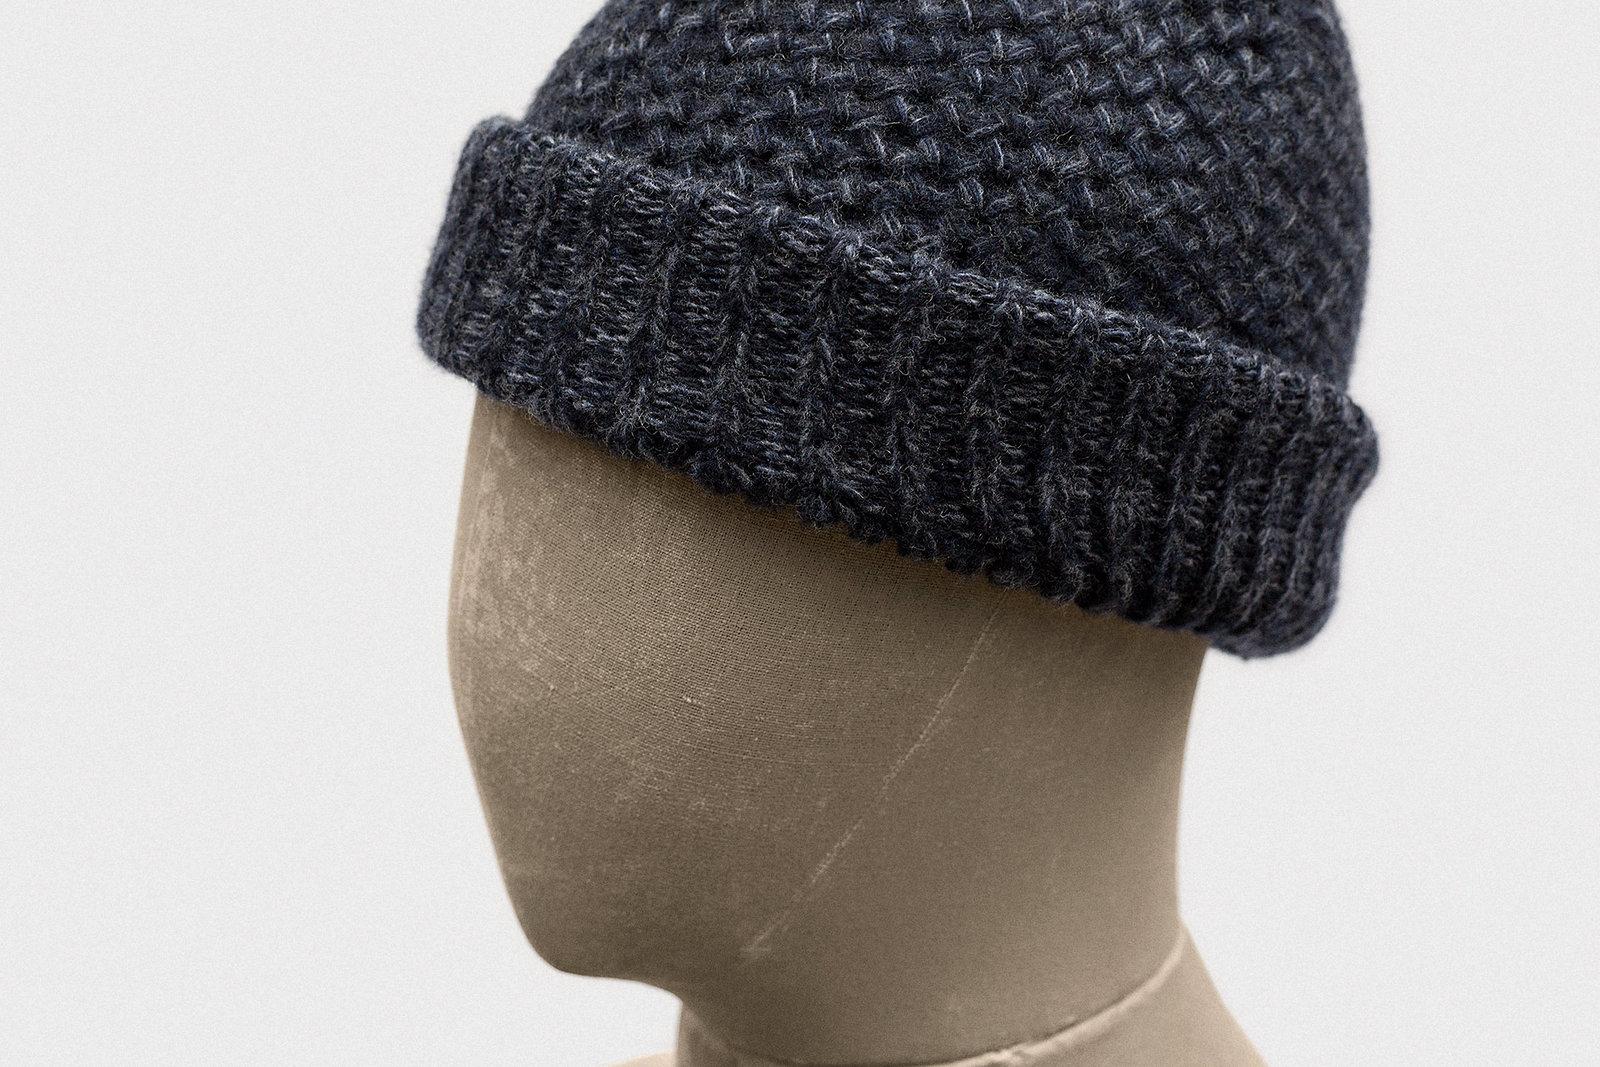 watch-cap-geelong-wool-blue-3@2x.jpg